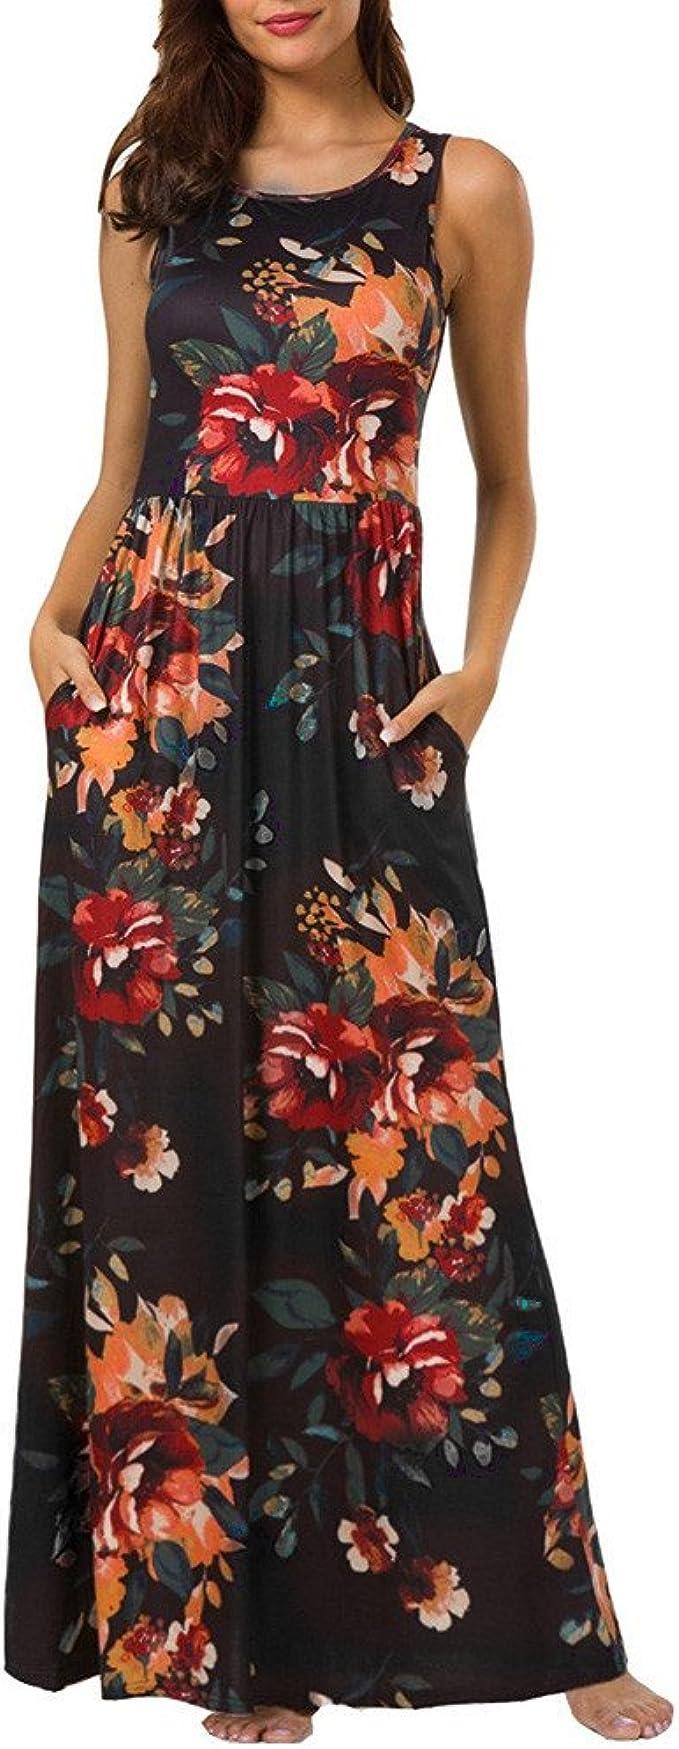 Vestido para Mujeres Ocio Señoras Verano Falda Vestido de Moda ...